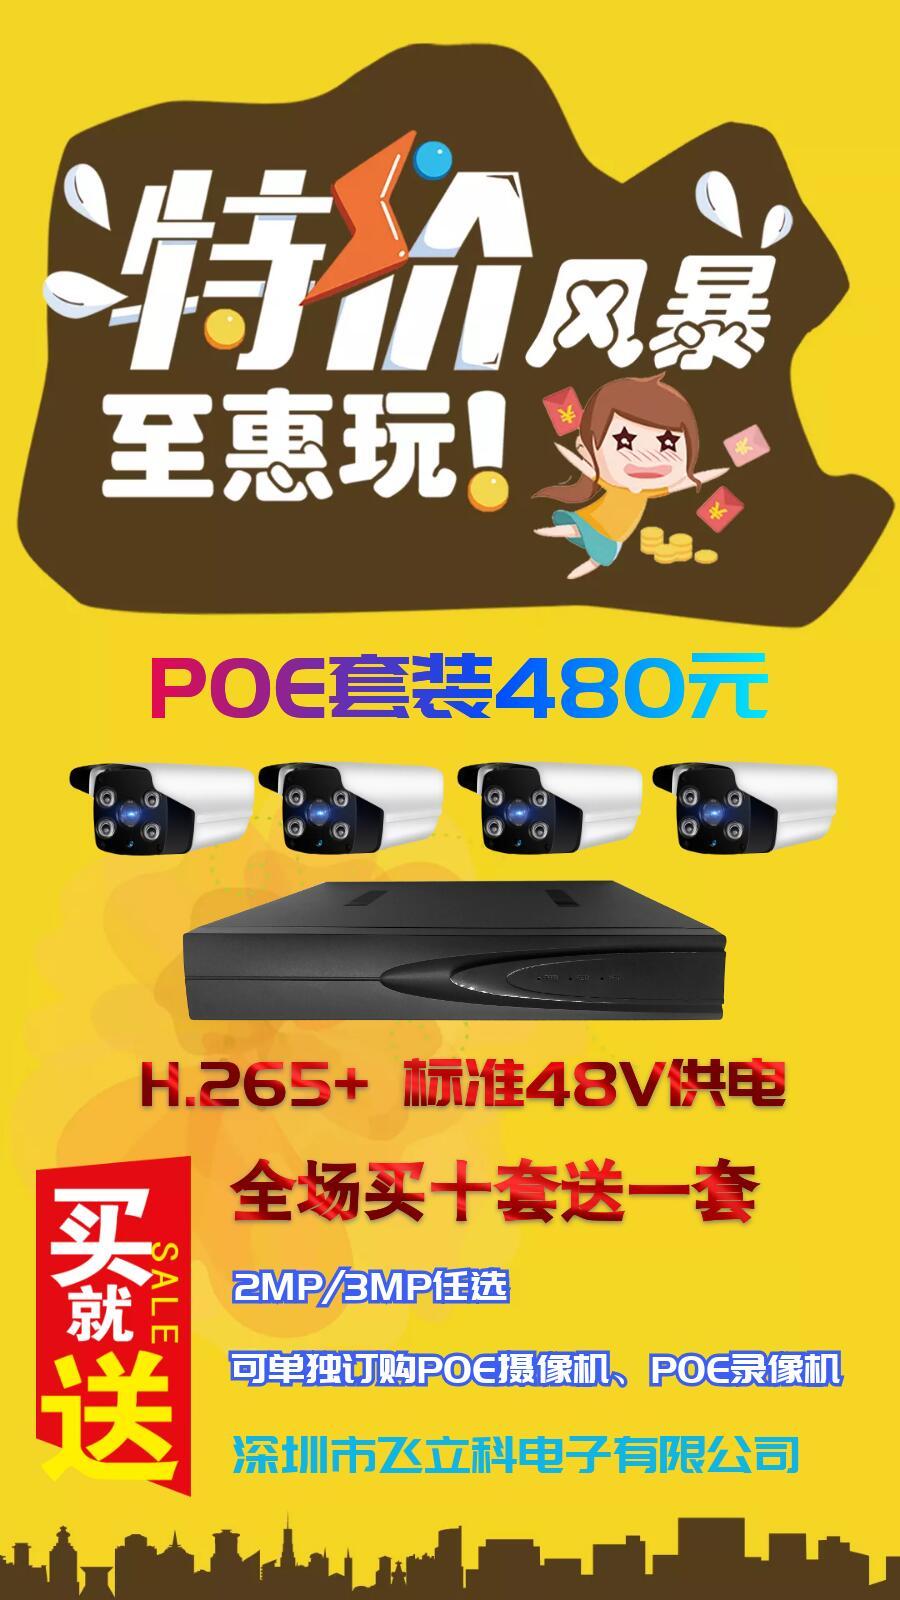 4路POE监控套装-微信同号18038114449.jpg